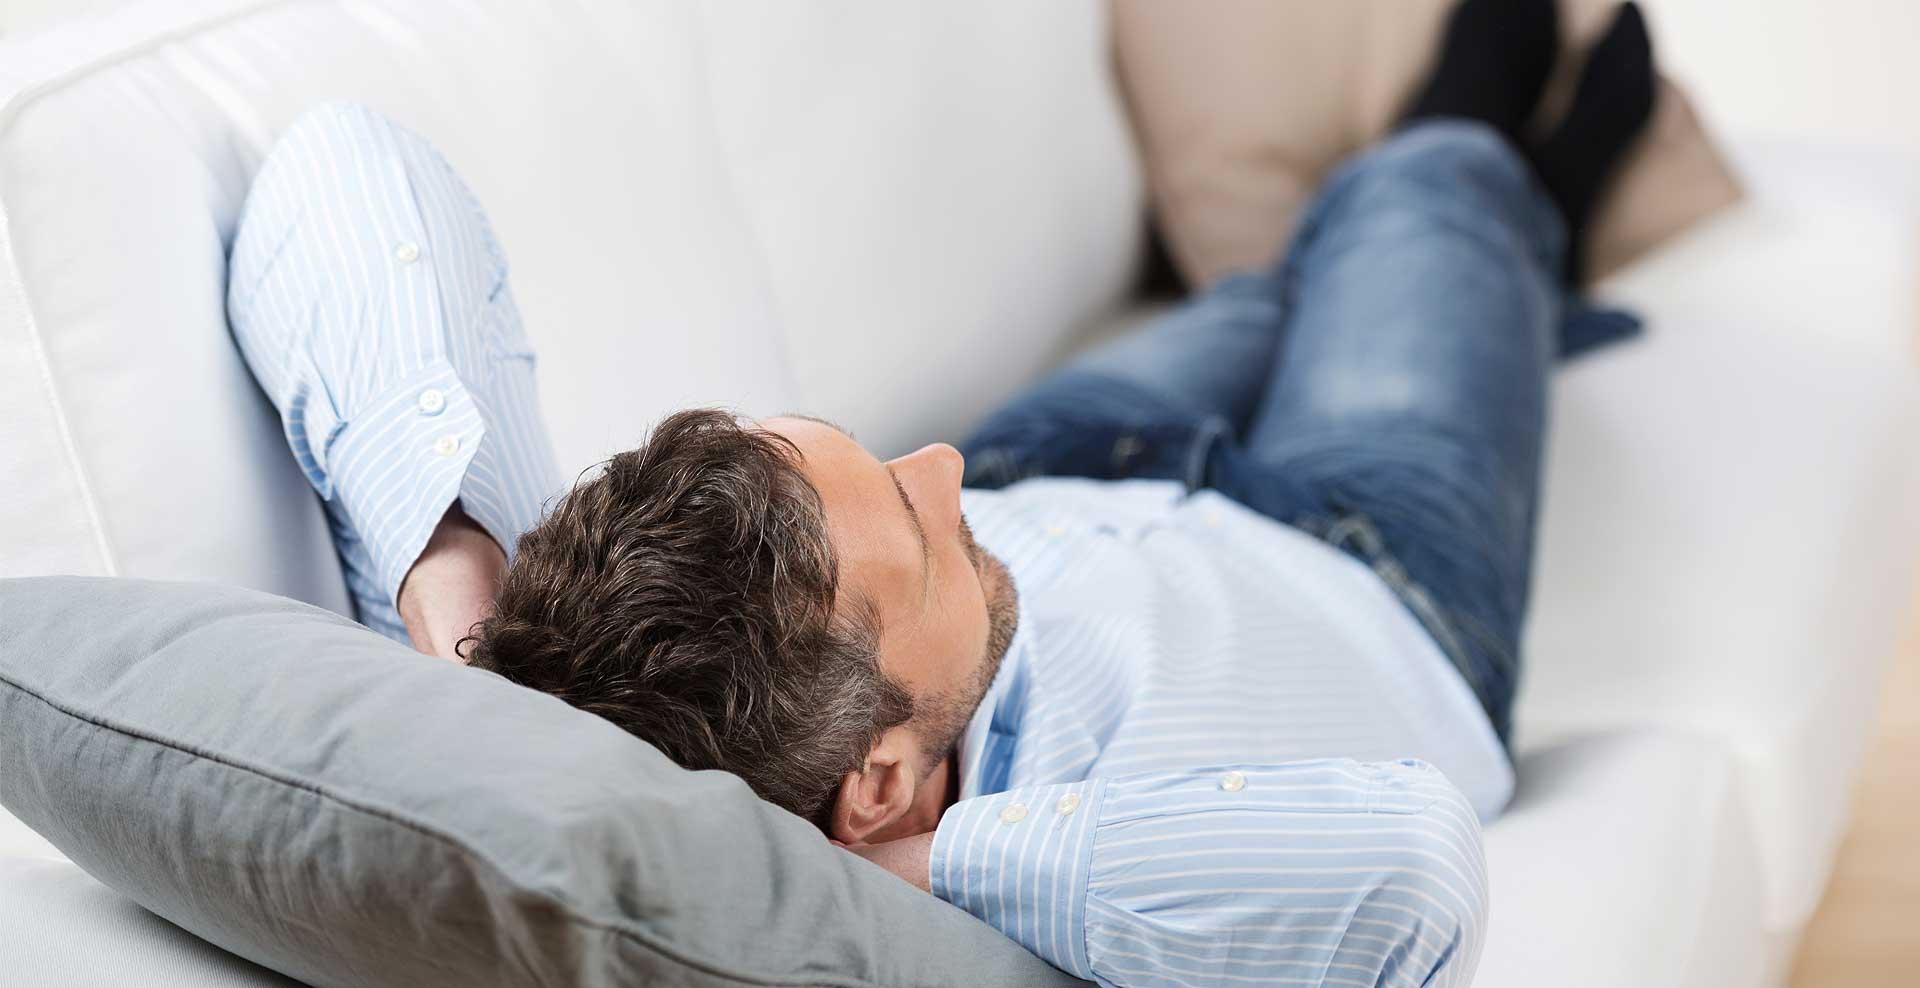 Фото мужик лежит на диване 5 фотография